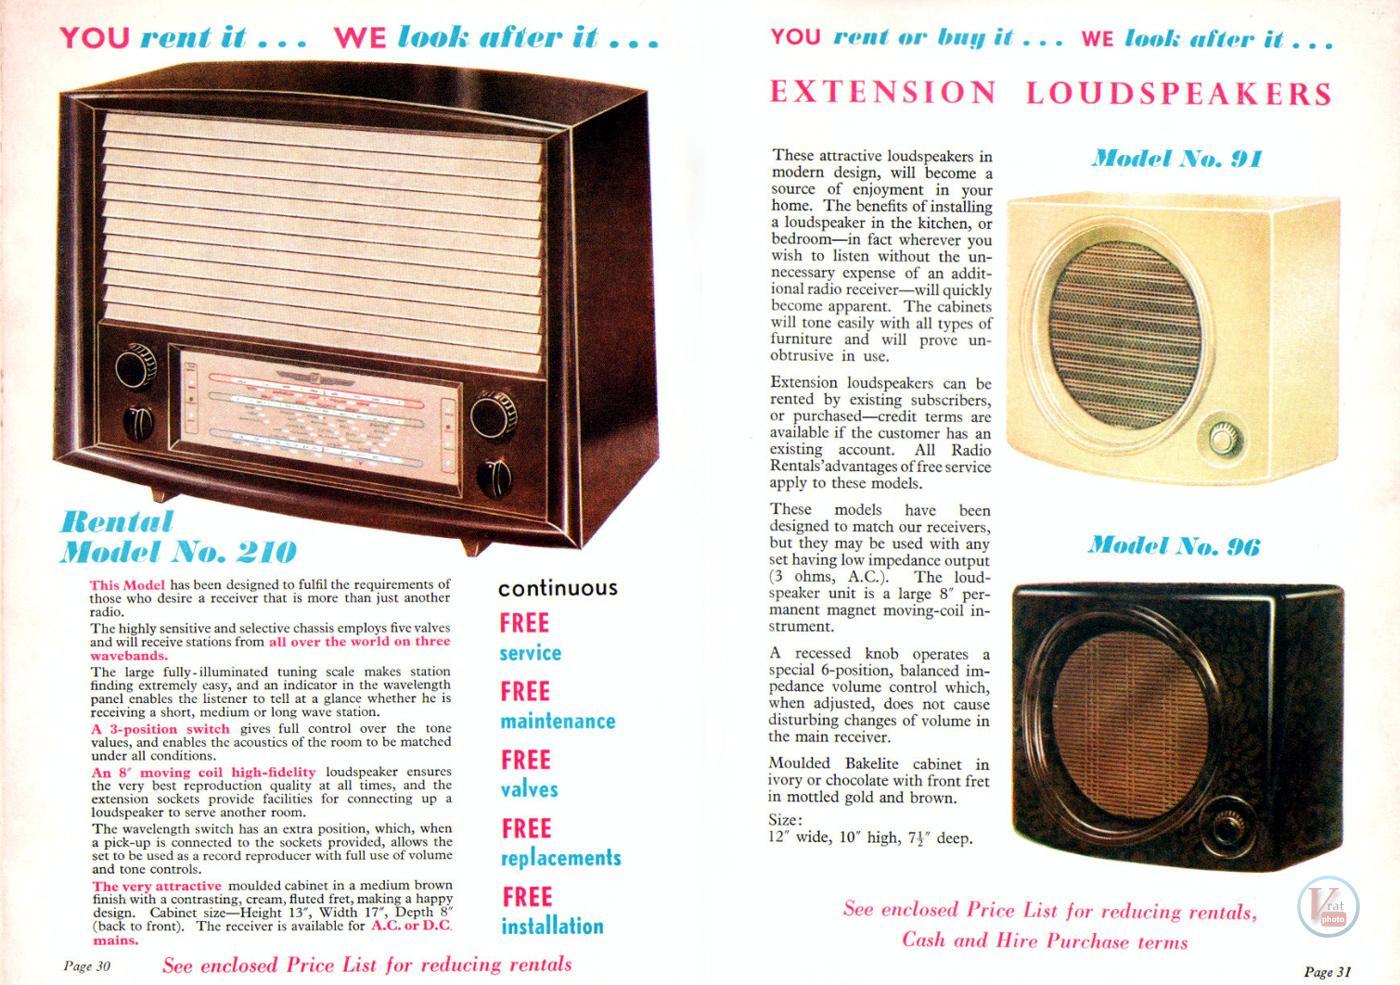 1957 Radio Rentals Catalogue 90